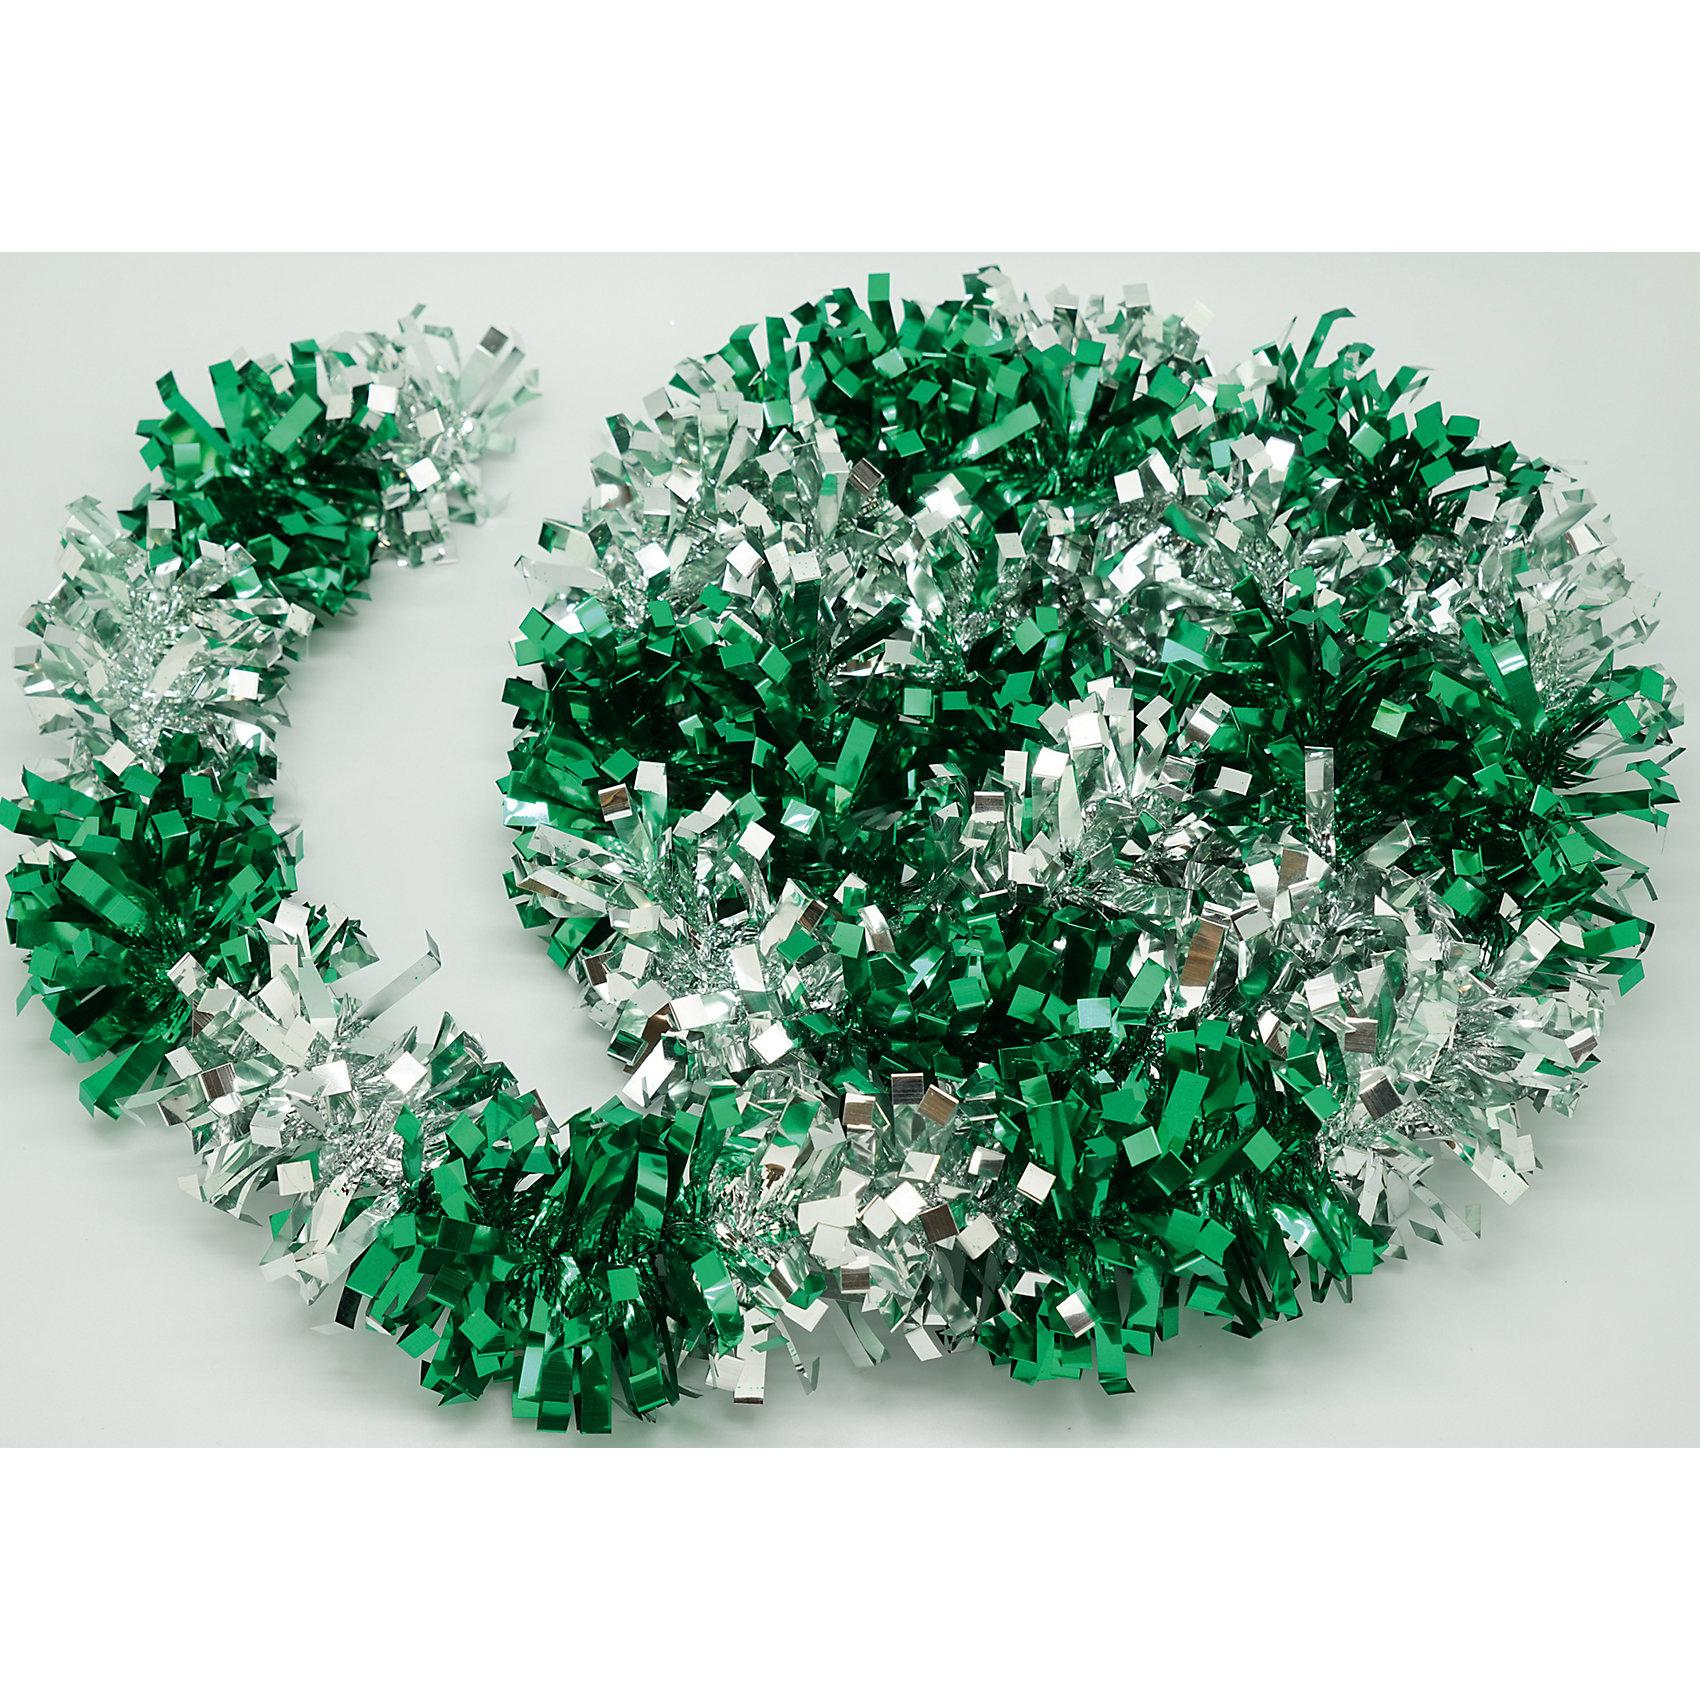 Новогодняя мишура, зеленый с серебром 9х200Мишура новогодняя зеленый с серебром 9х200 арт.16500  Мишура идеально подойдет для оформления Вашего новогоднего праздника.<br>Из Мишуры очень просто воплотить Ваши дизайнерские идеи в  жизнь, благодаря тонкой проволке внутри, мишура легко принимает ту форму, которую Вам необходимо. Удачи в Ваших Новогодних задумках!<br><br>Ширина мм: 2000<br>Глубина мм: 90<br>Высота мм: 90<br>Вес г: 50<br>Возраст от месяцев: 72<br>Возраст до месяцев: 480<br>Пол: Унисекс<br>Возраст: Детский<br>SKU: 5051665